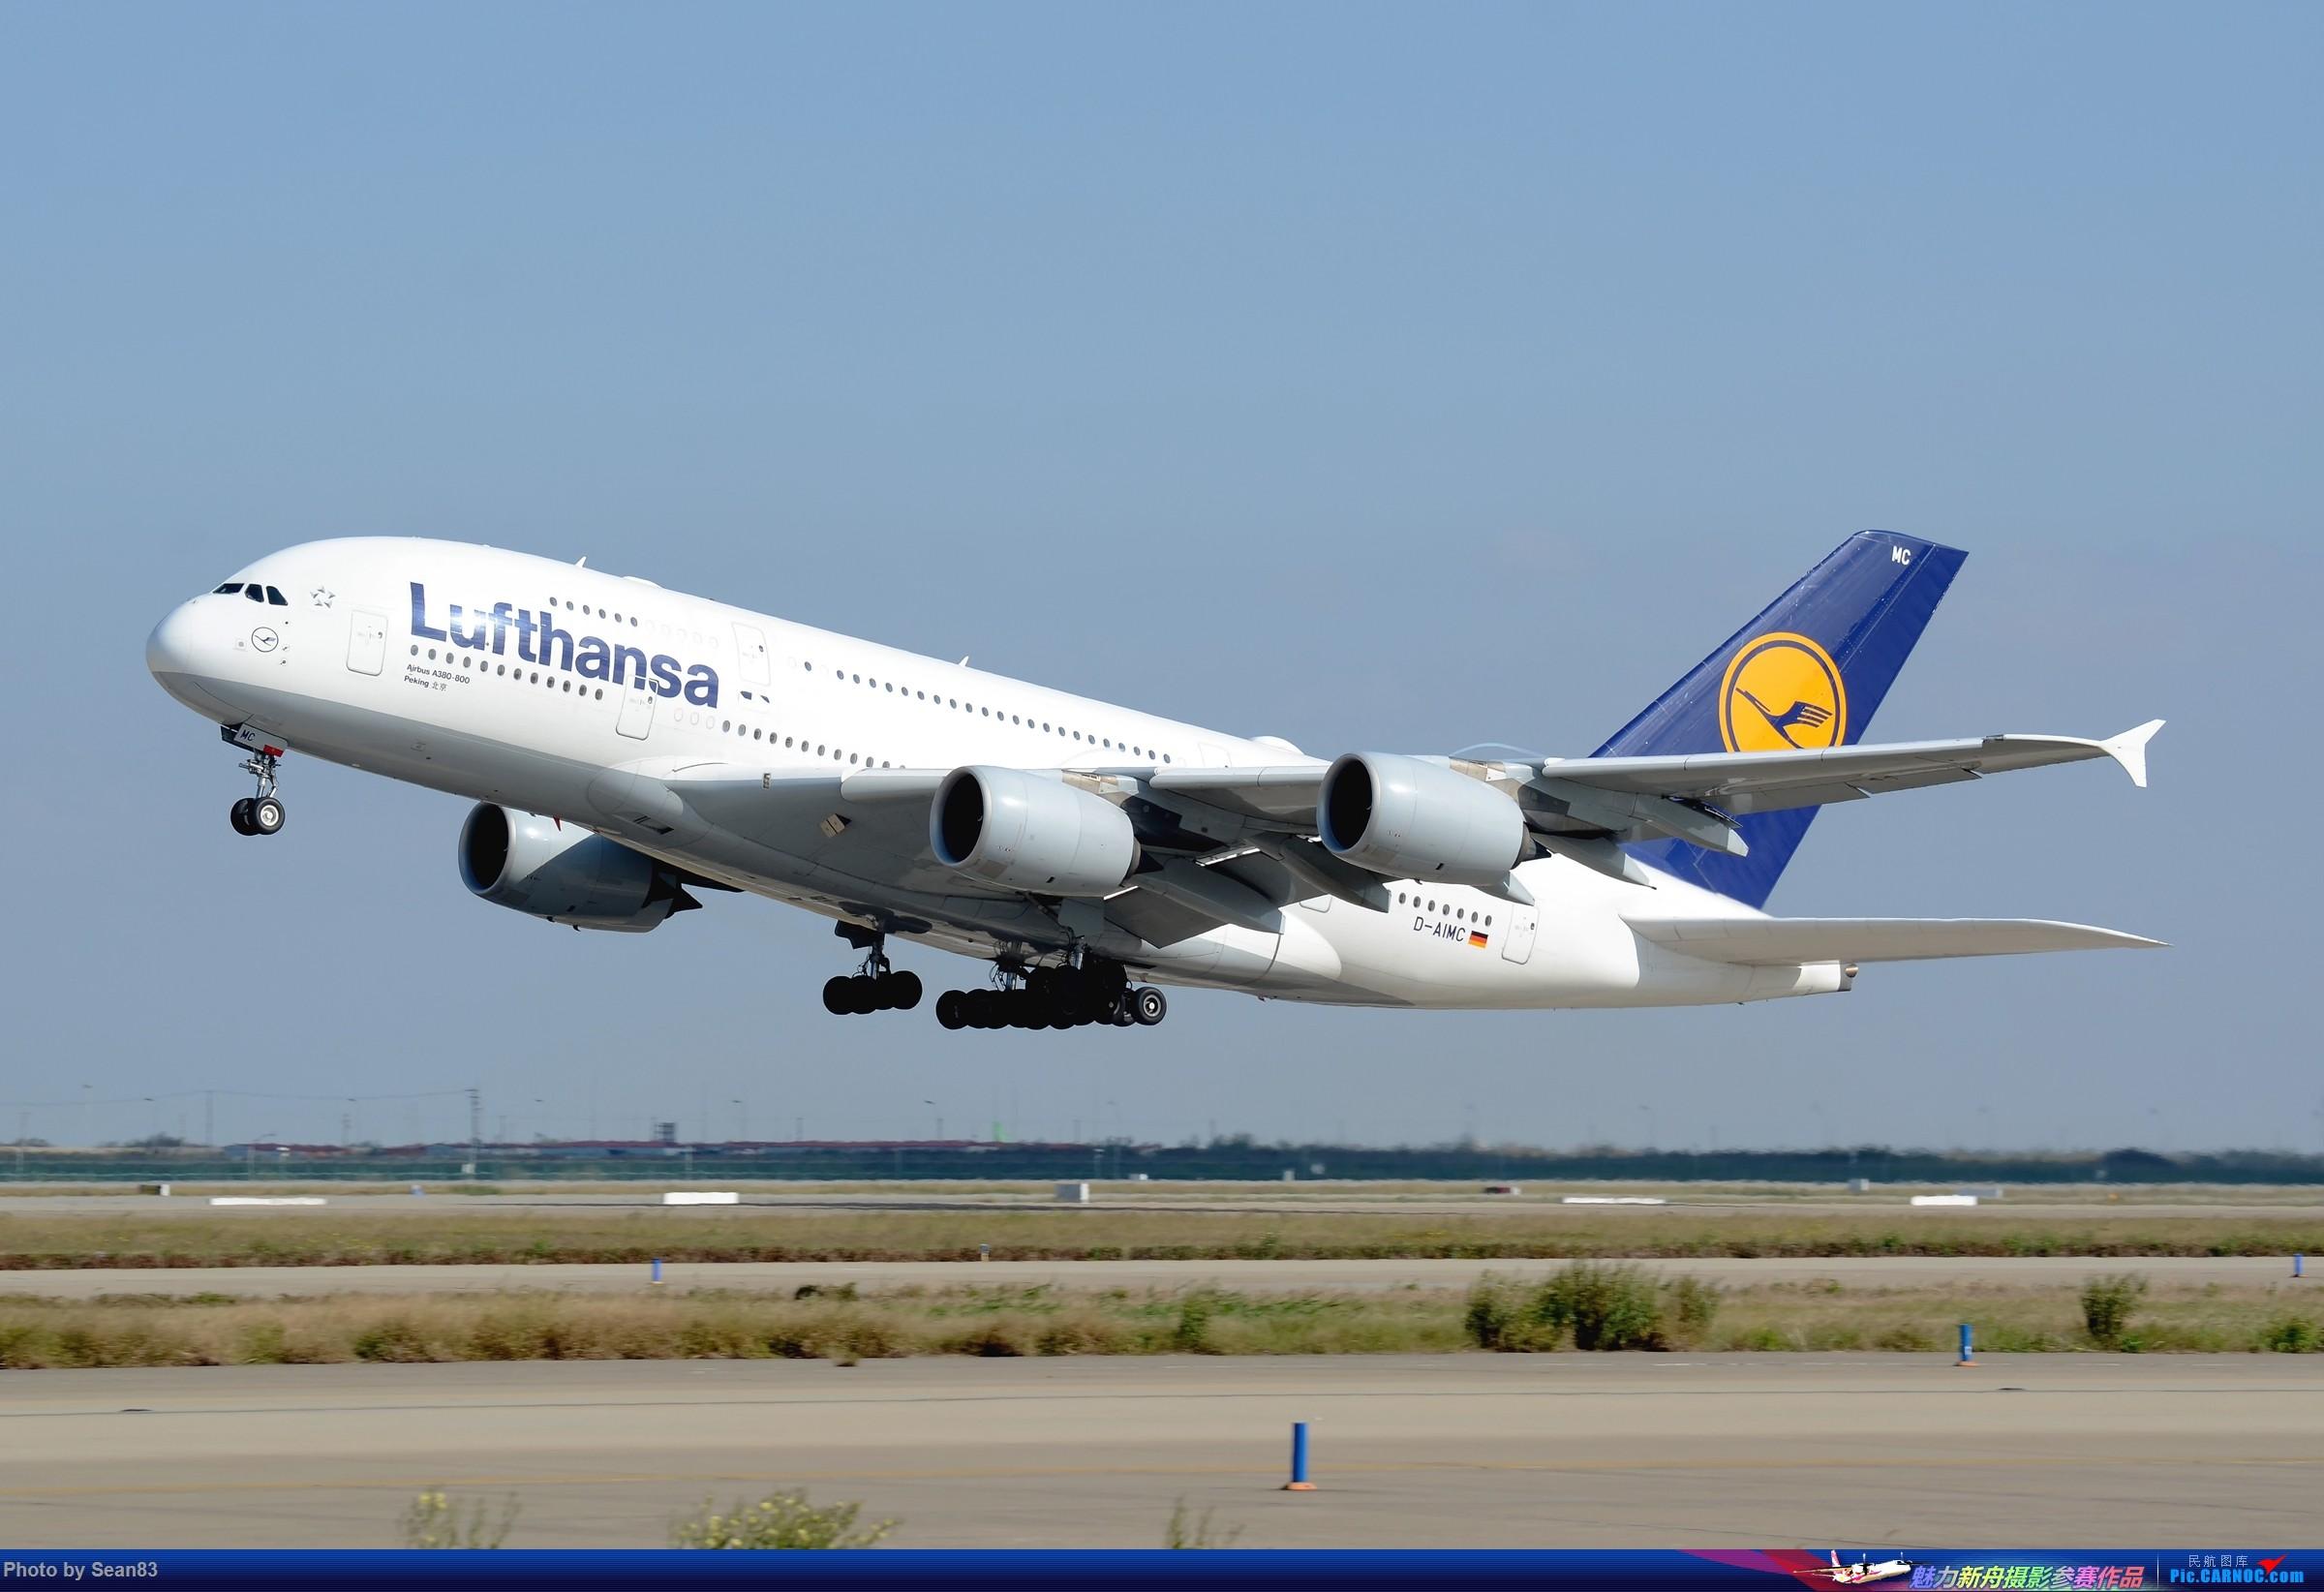 [原创](2400*1600)汉莎380 北京号 AIRBUS A380-800 D-AIMC 上海浦东国际机场